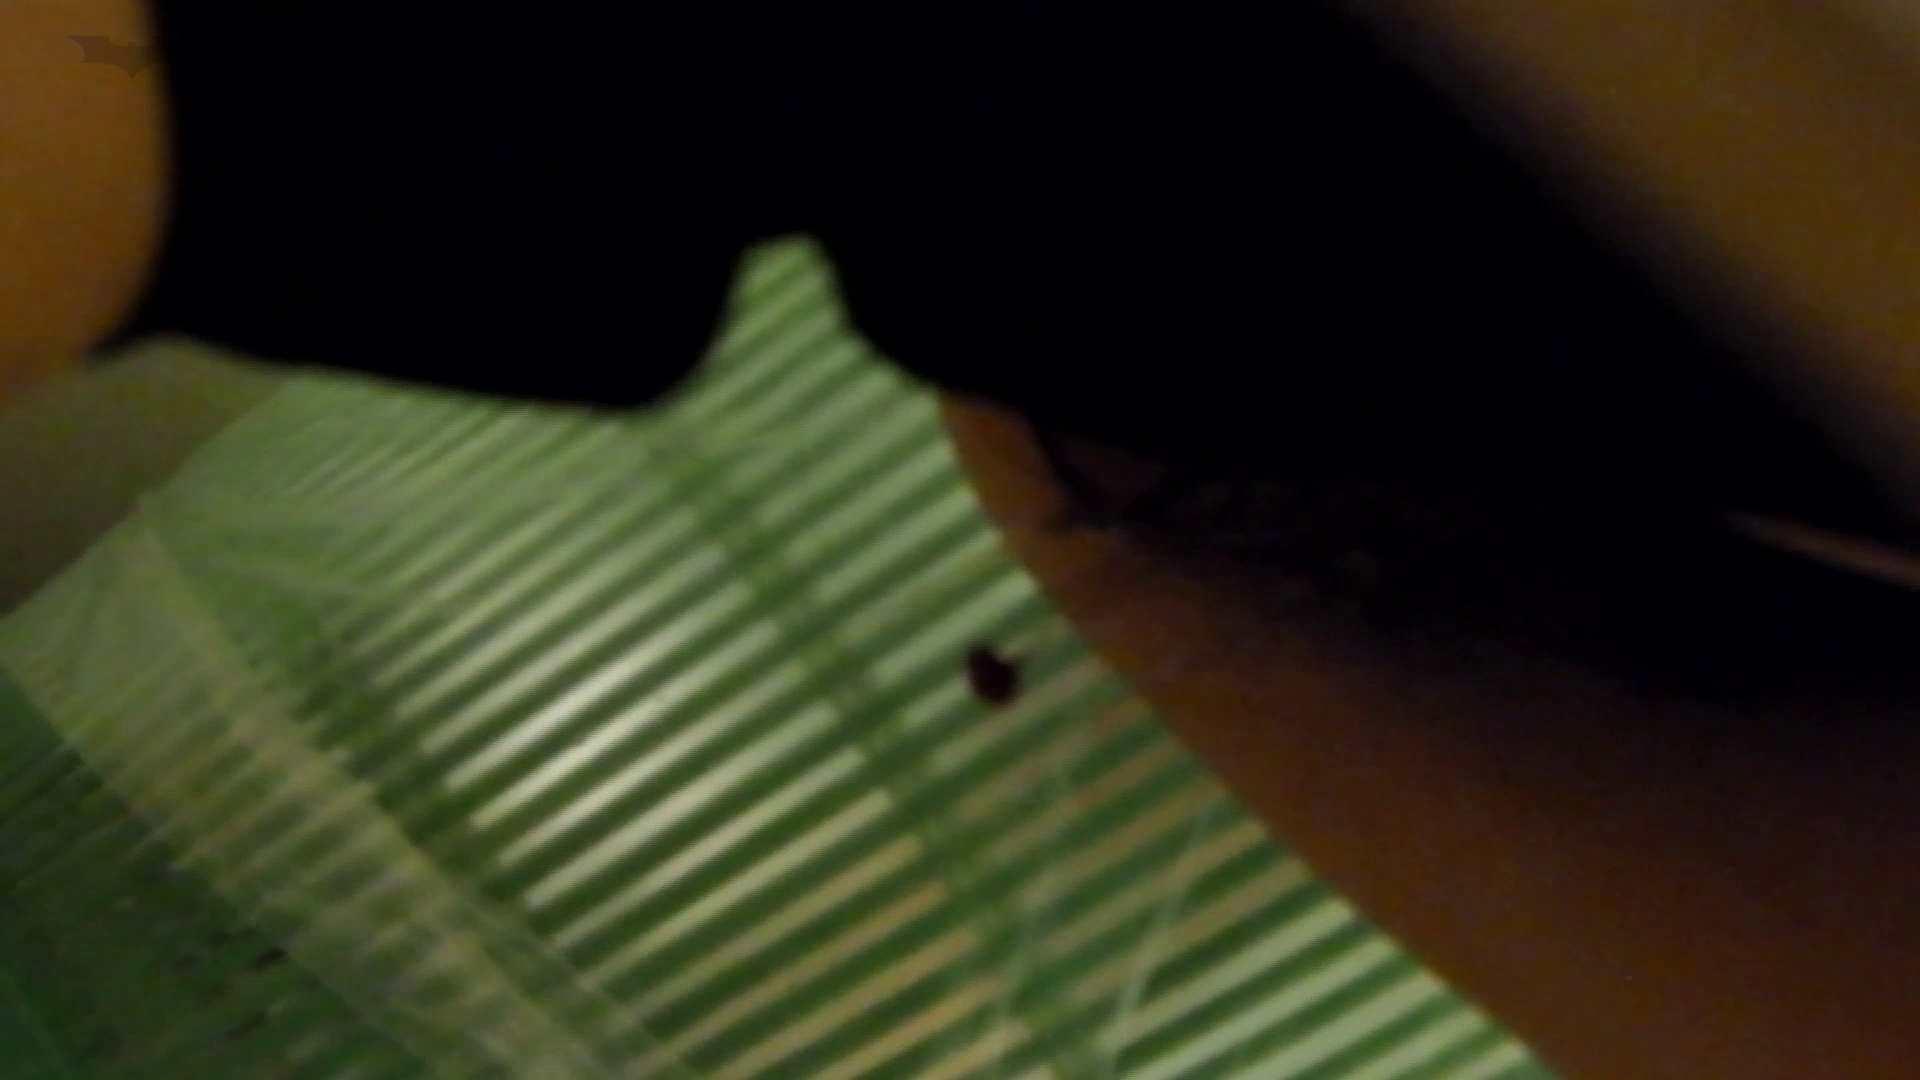 新世界の射窓 No78 トリンドル 玲奈似登場シリーズ美女率最高作! 高画質  89PIX 53